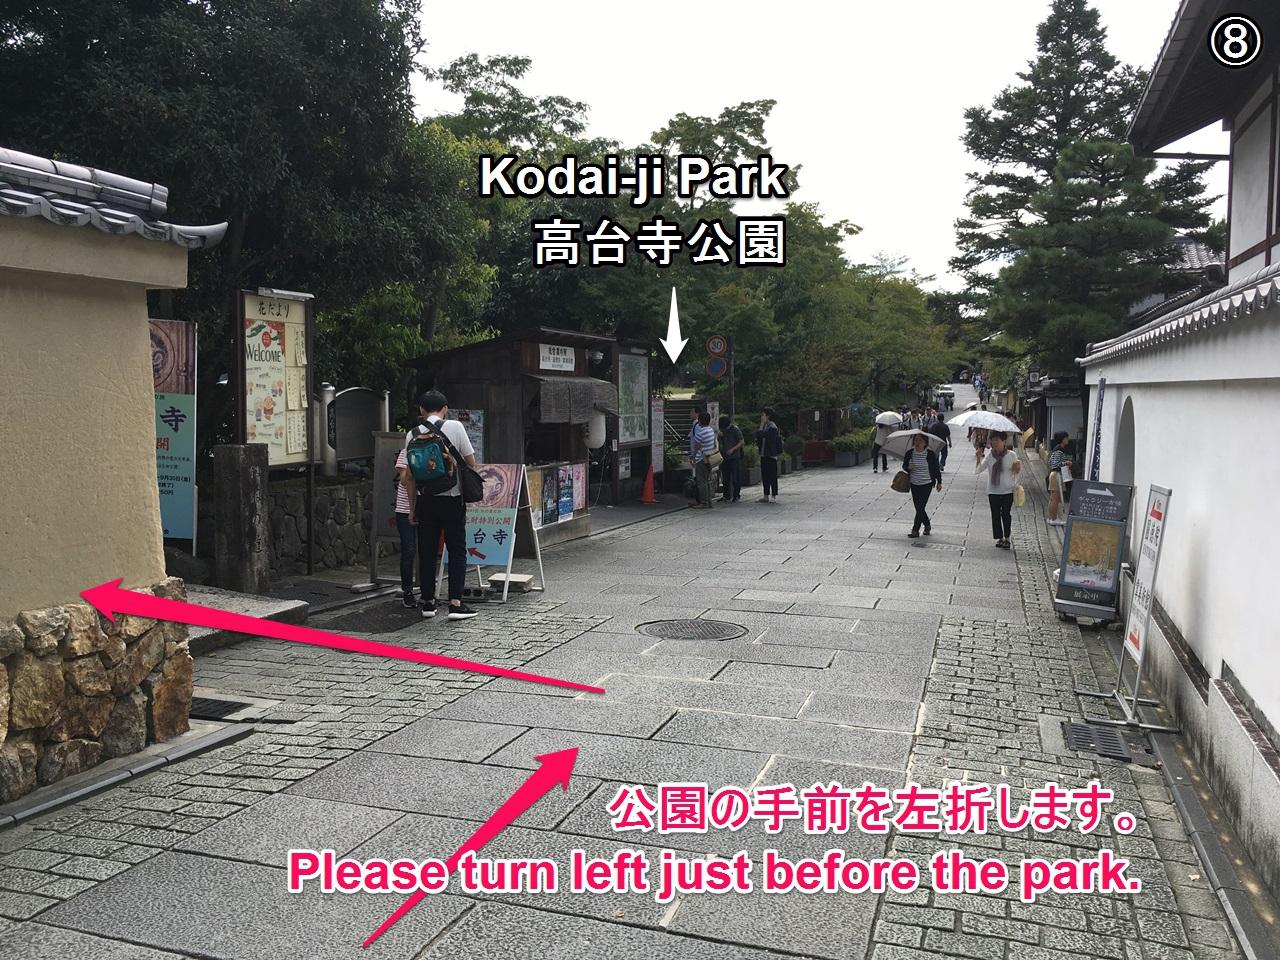 kodaiji-howto-08-txt